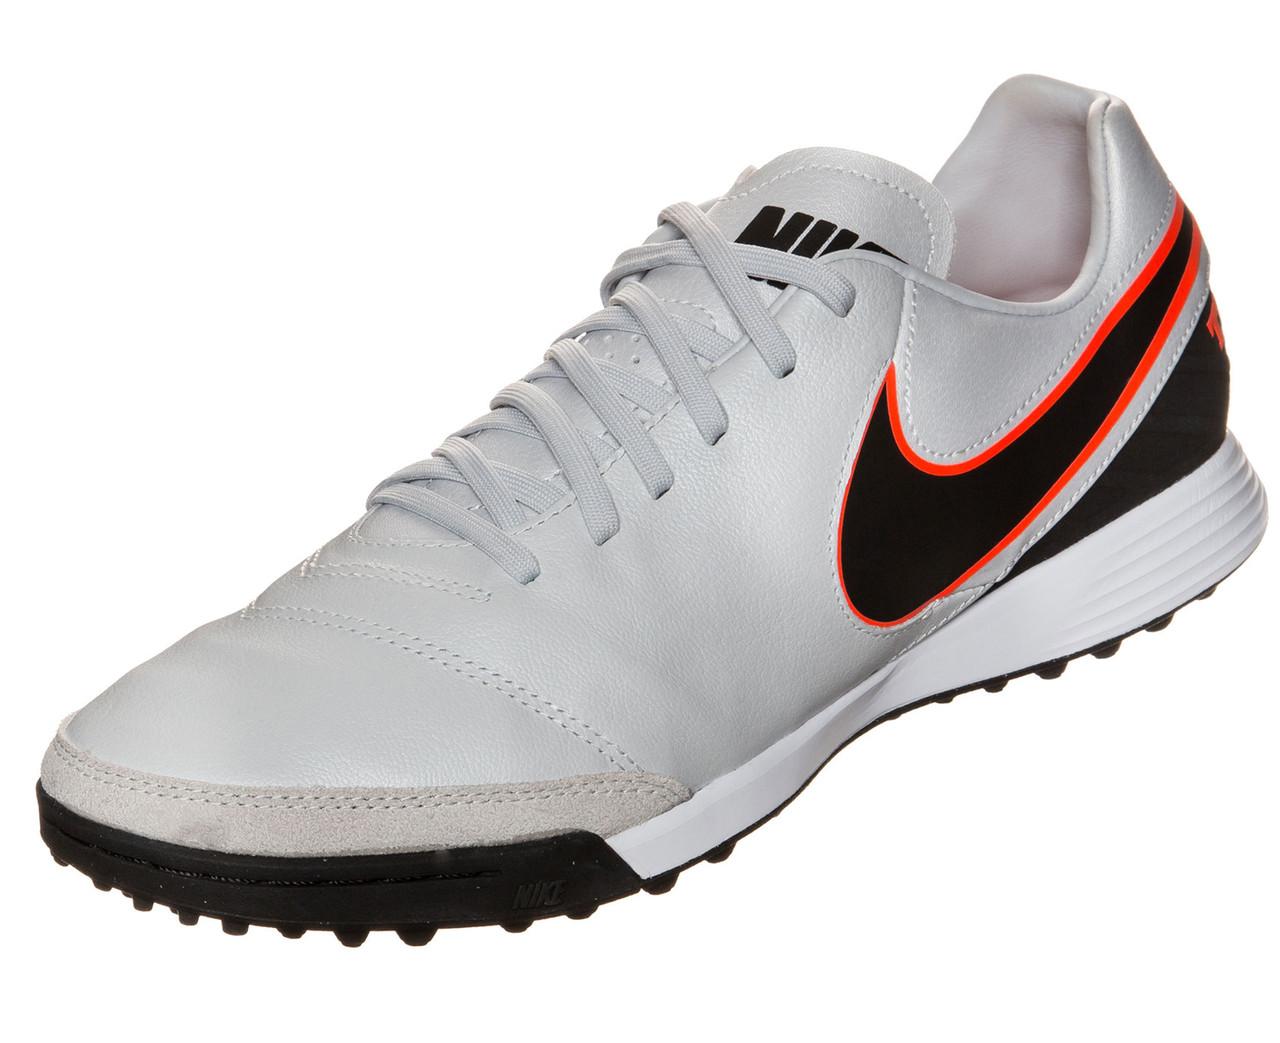 ae798770e Nike Tiempo Mystic V TF - Pure Platinum/Black/Metallic Silver/Hyper Orange  RC (06719) - ohp soccer